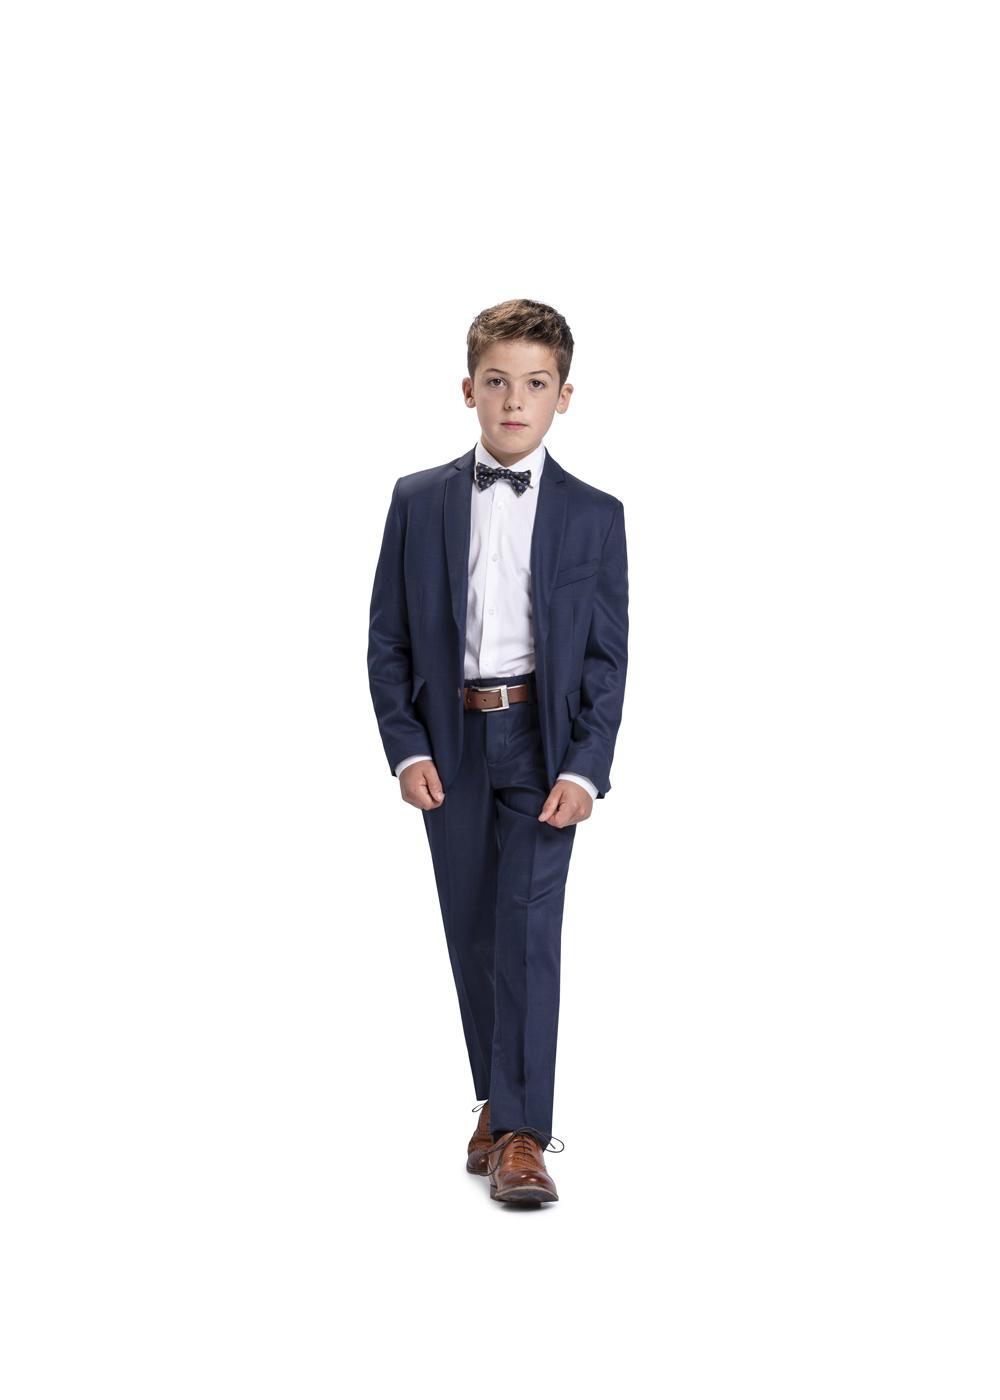 Eleganter Kommunionanzug in Dunkelblau mit passender Fliege und weißem Hemd. Kommunion Anzug für Jungen von Weise Junior - Modell.